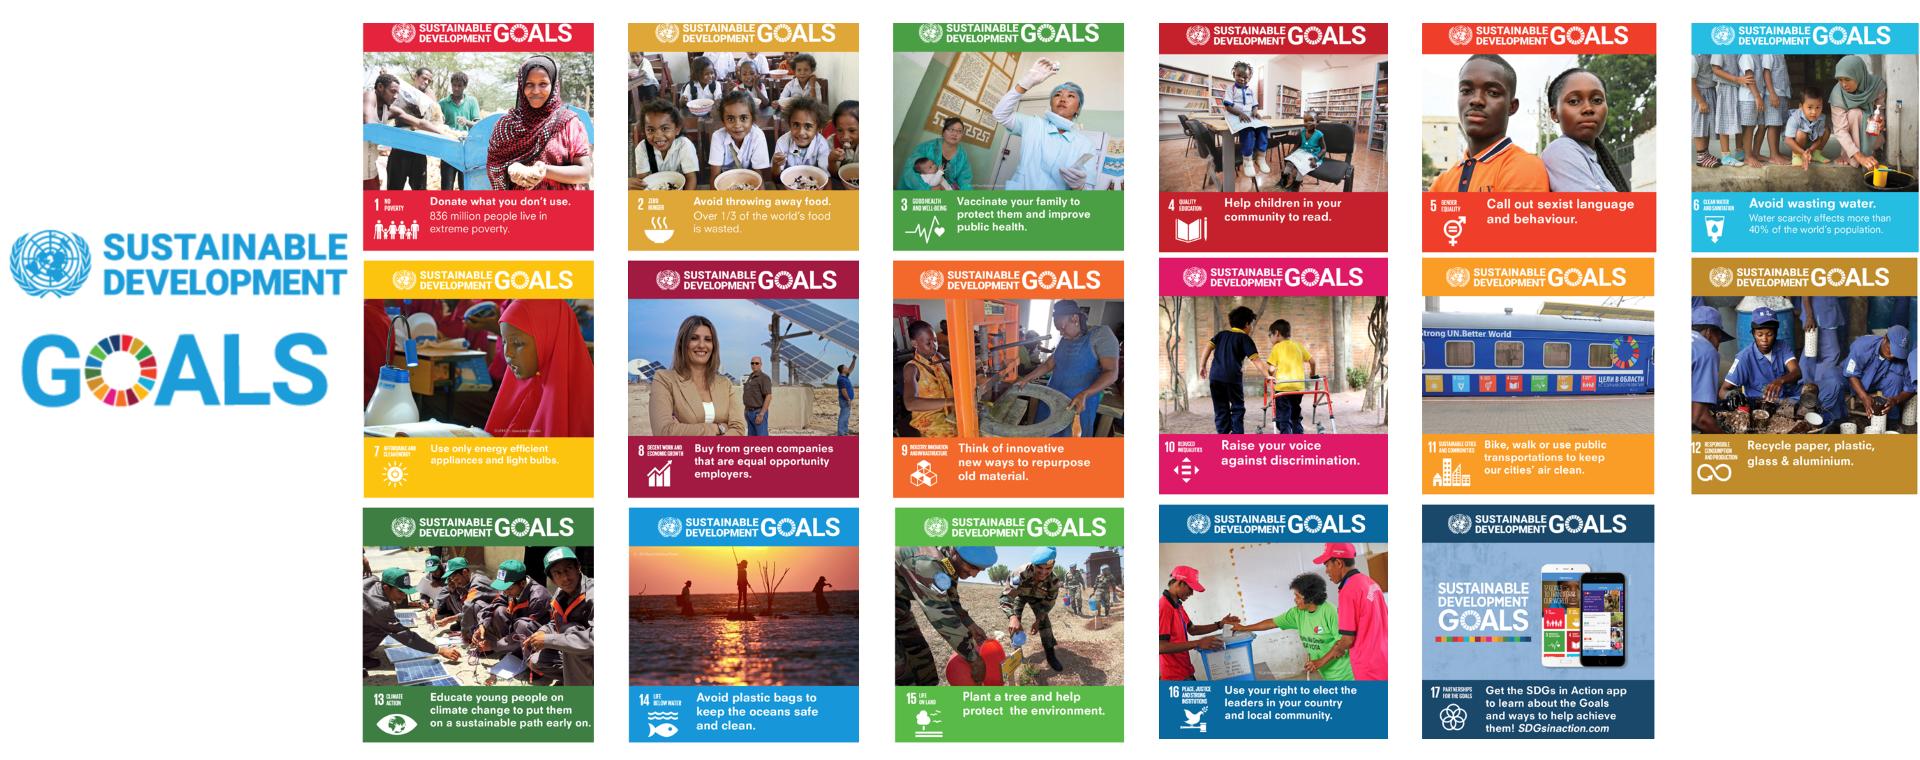 Scopri i 17 obiettivi dello sviluppo sostenibile delle Nazioni Unite